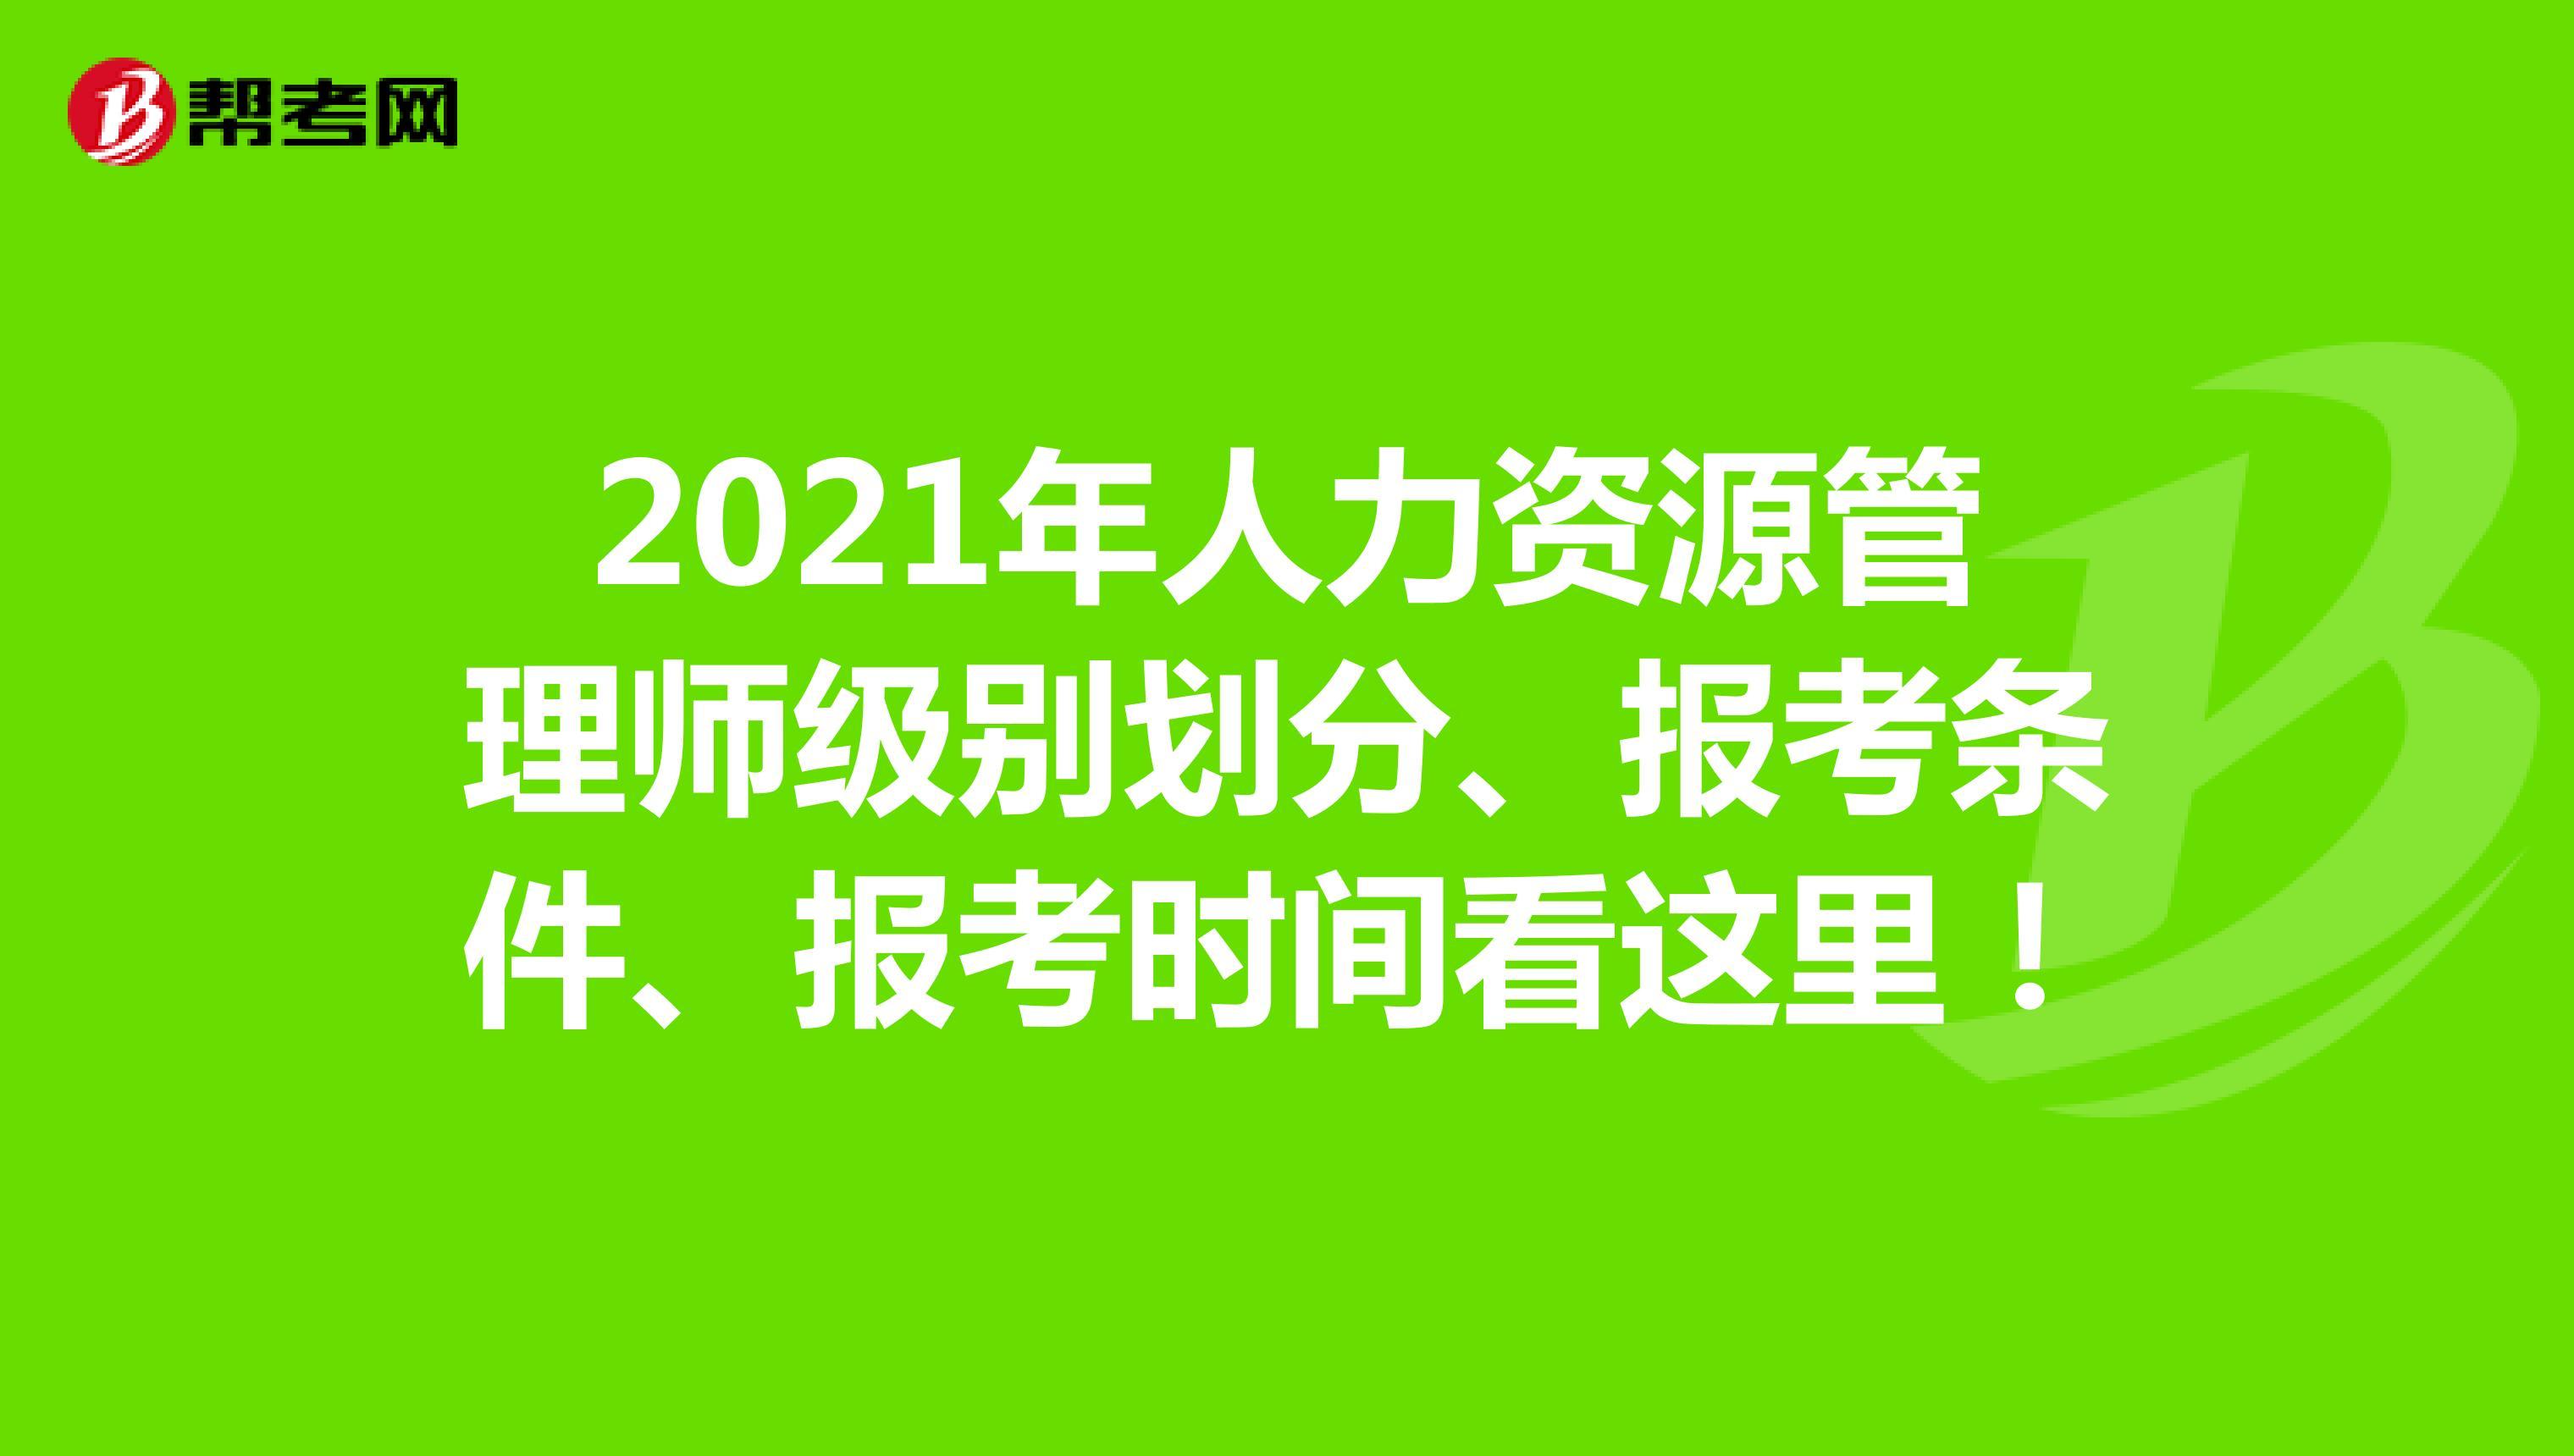 2021年人力资源管理师级别划分、报考条件、报考时间看这里!